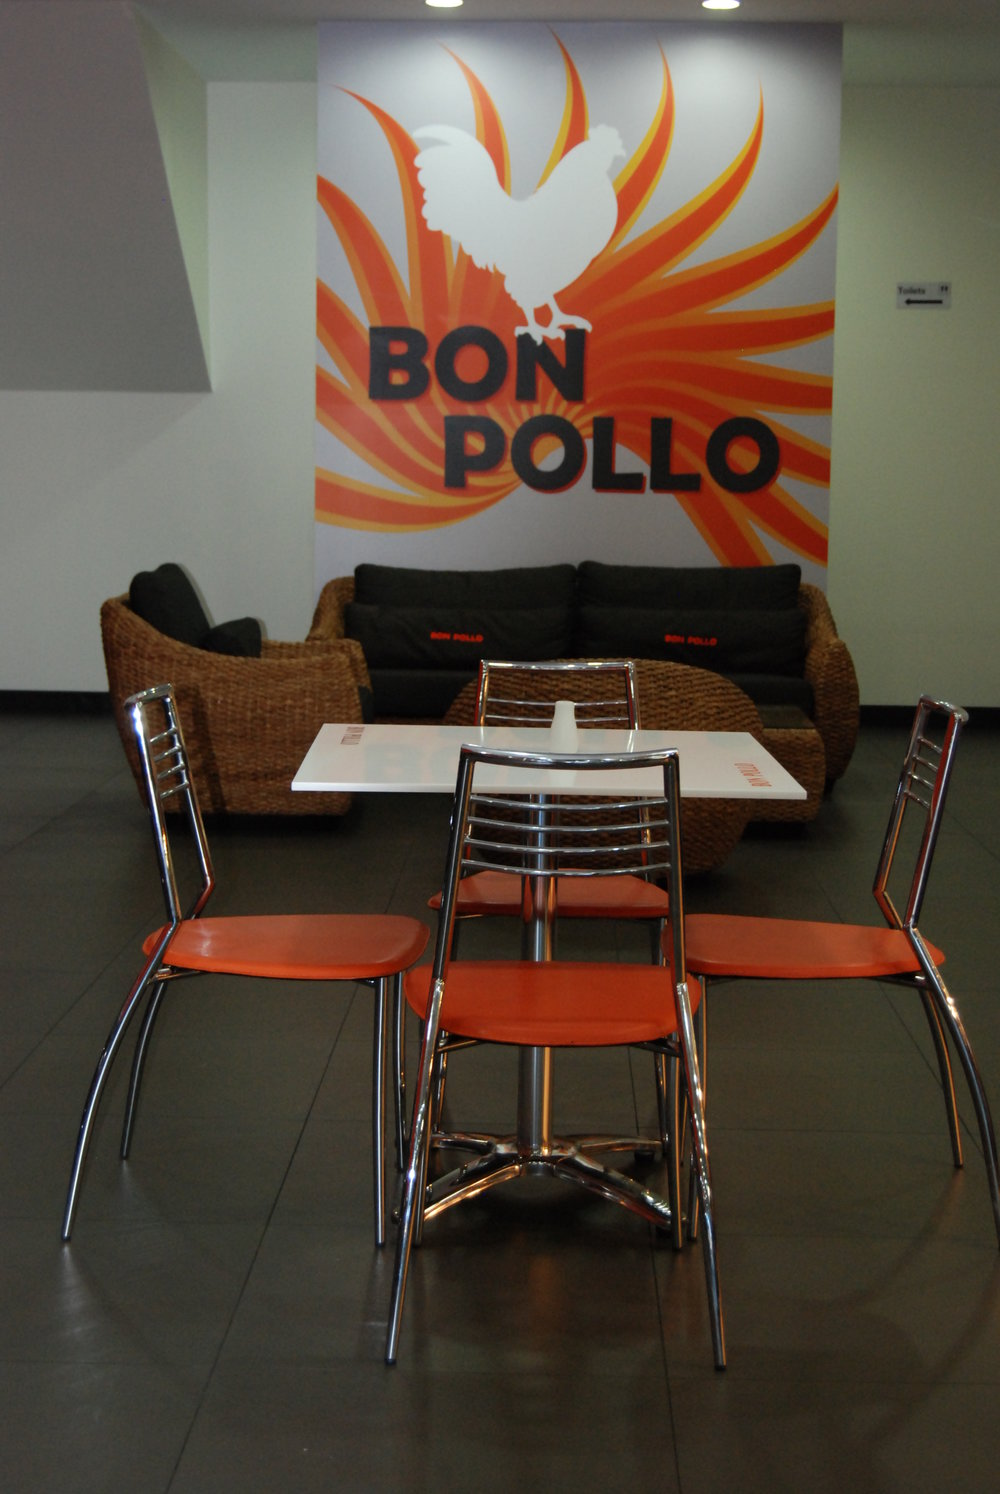 BON POLLO -